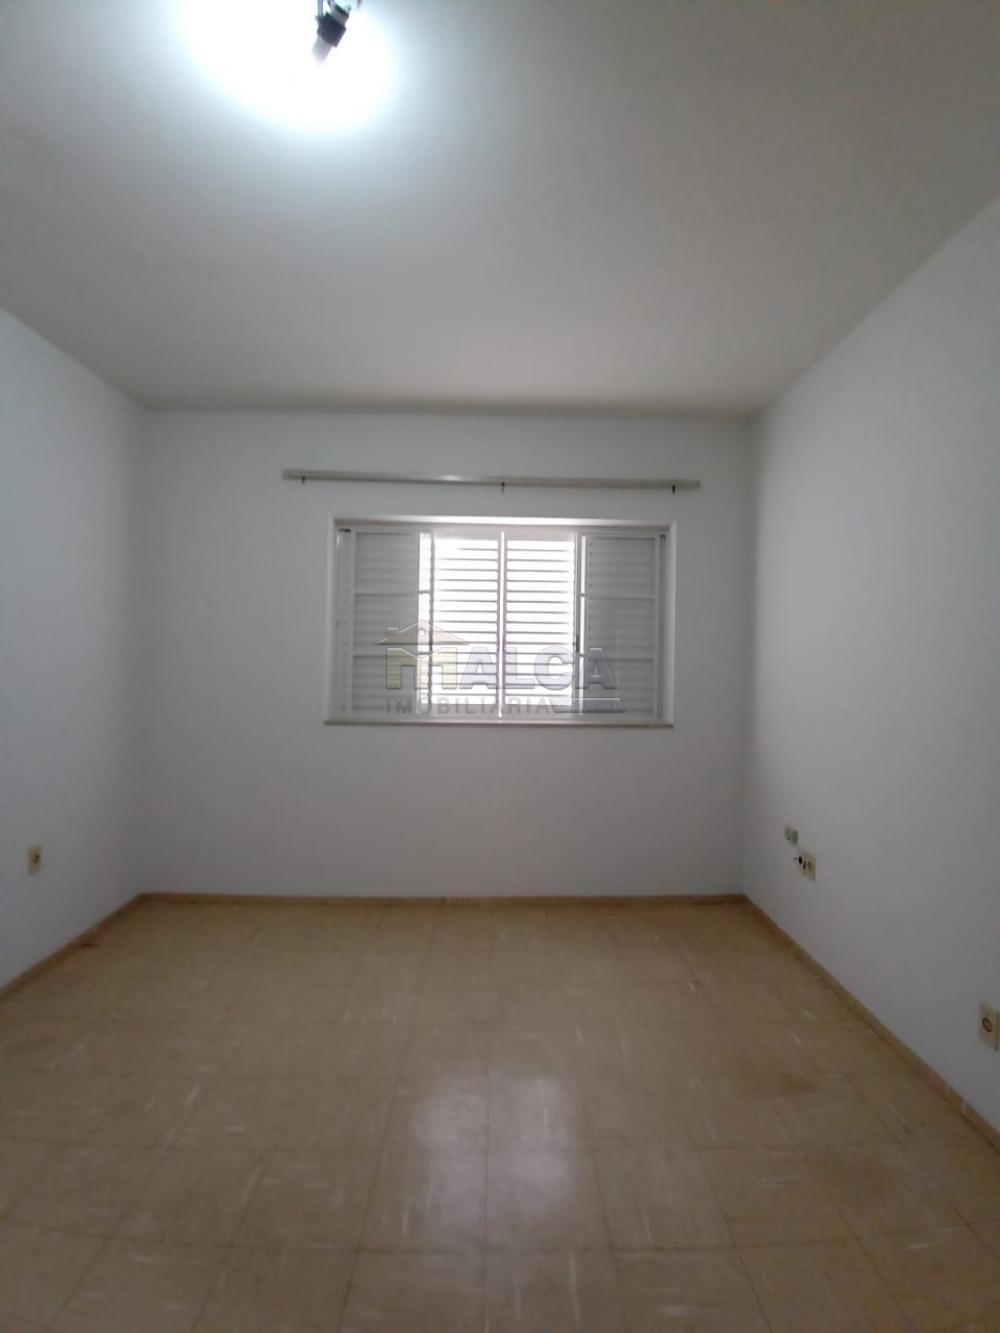 Alugar Casas / Padrão em São José do Rio Pardo apenas R$ 1.500,00 - Foto 17